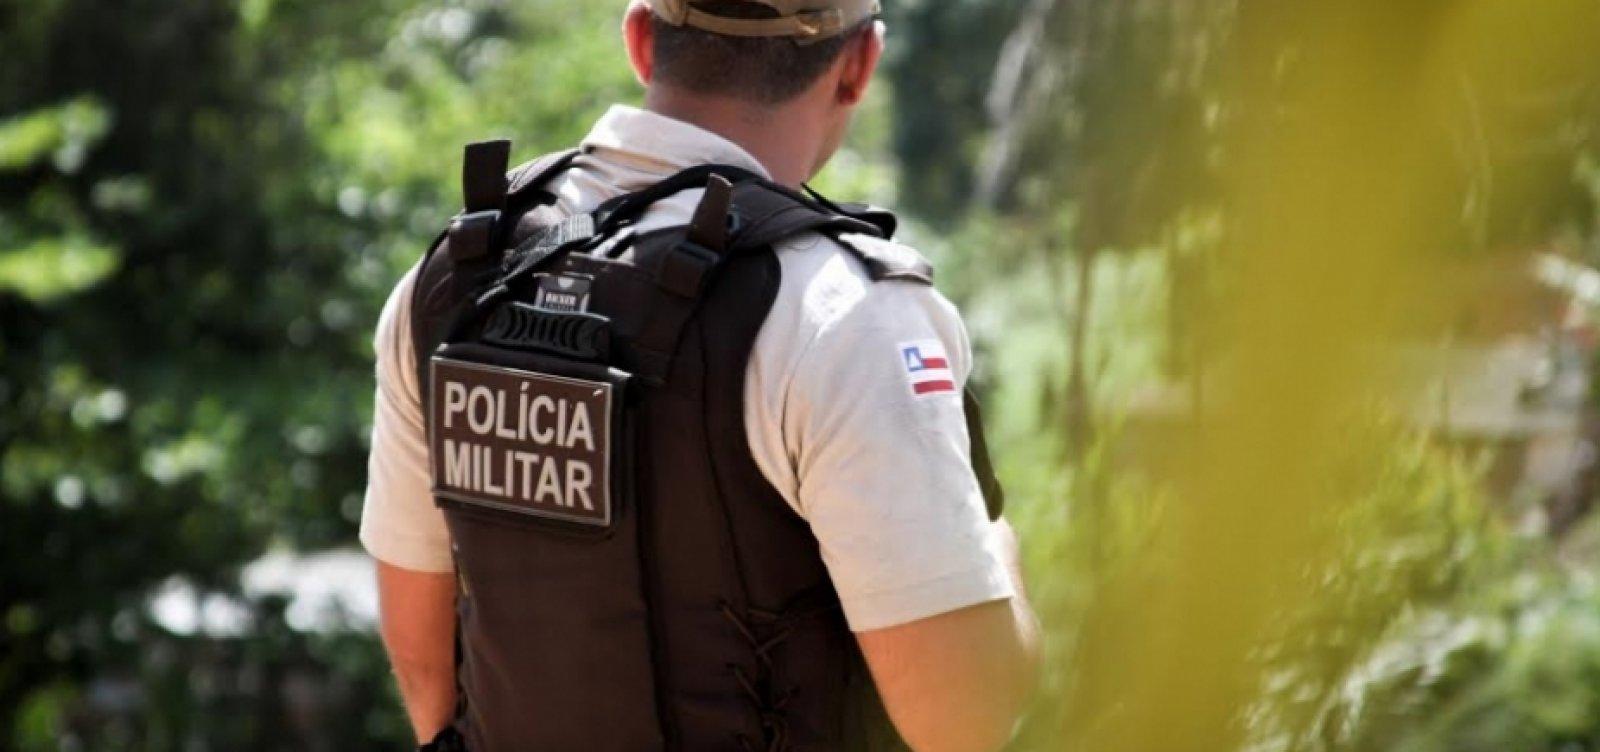 Em quatro meses, Bahia já tem quase metade de policiais mortos do ano passado